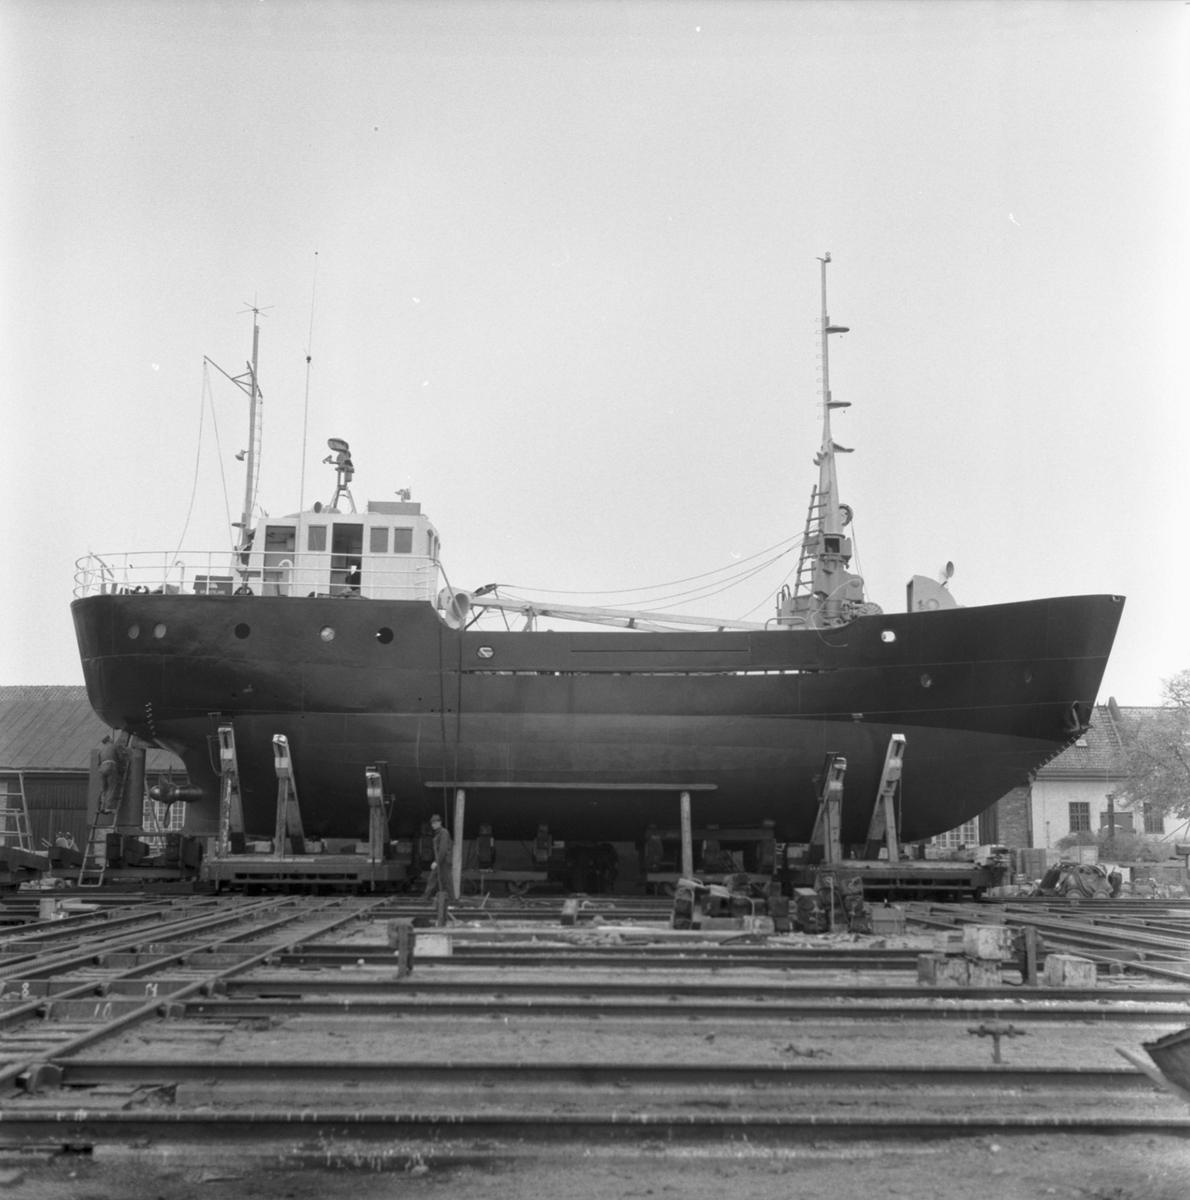 Fartyg: TÄNDAREN                        Övrigt: Gasningsjakt, Tändaren